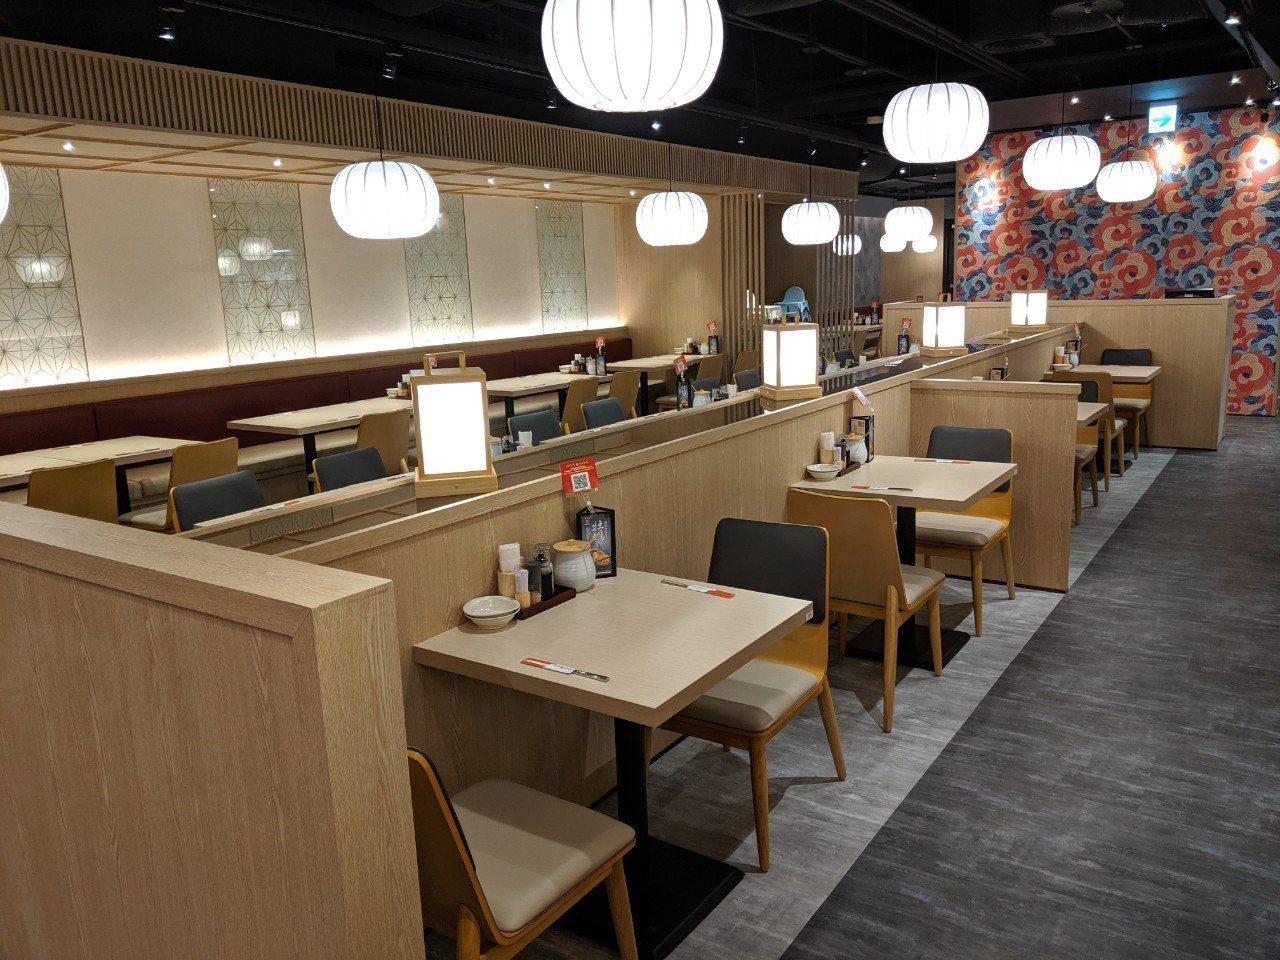 日式炸豬排連鎖餐廳「勝博殿」16日宣布,開出全台第一間勝博殿餐酒館新店型分店,進...